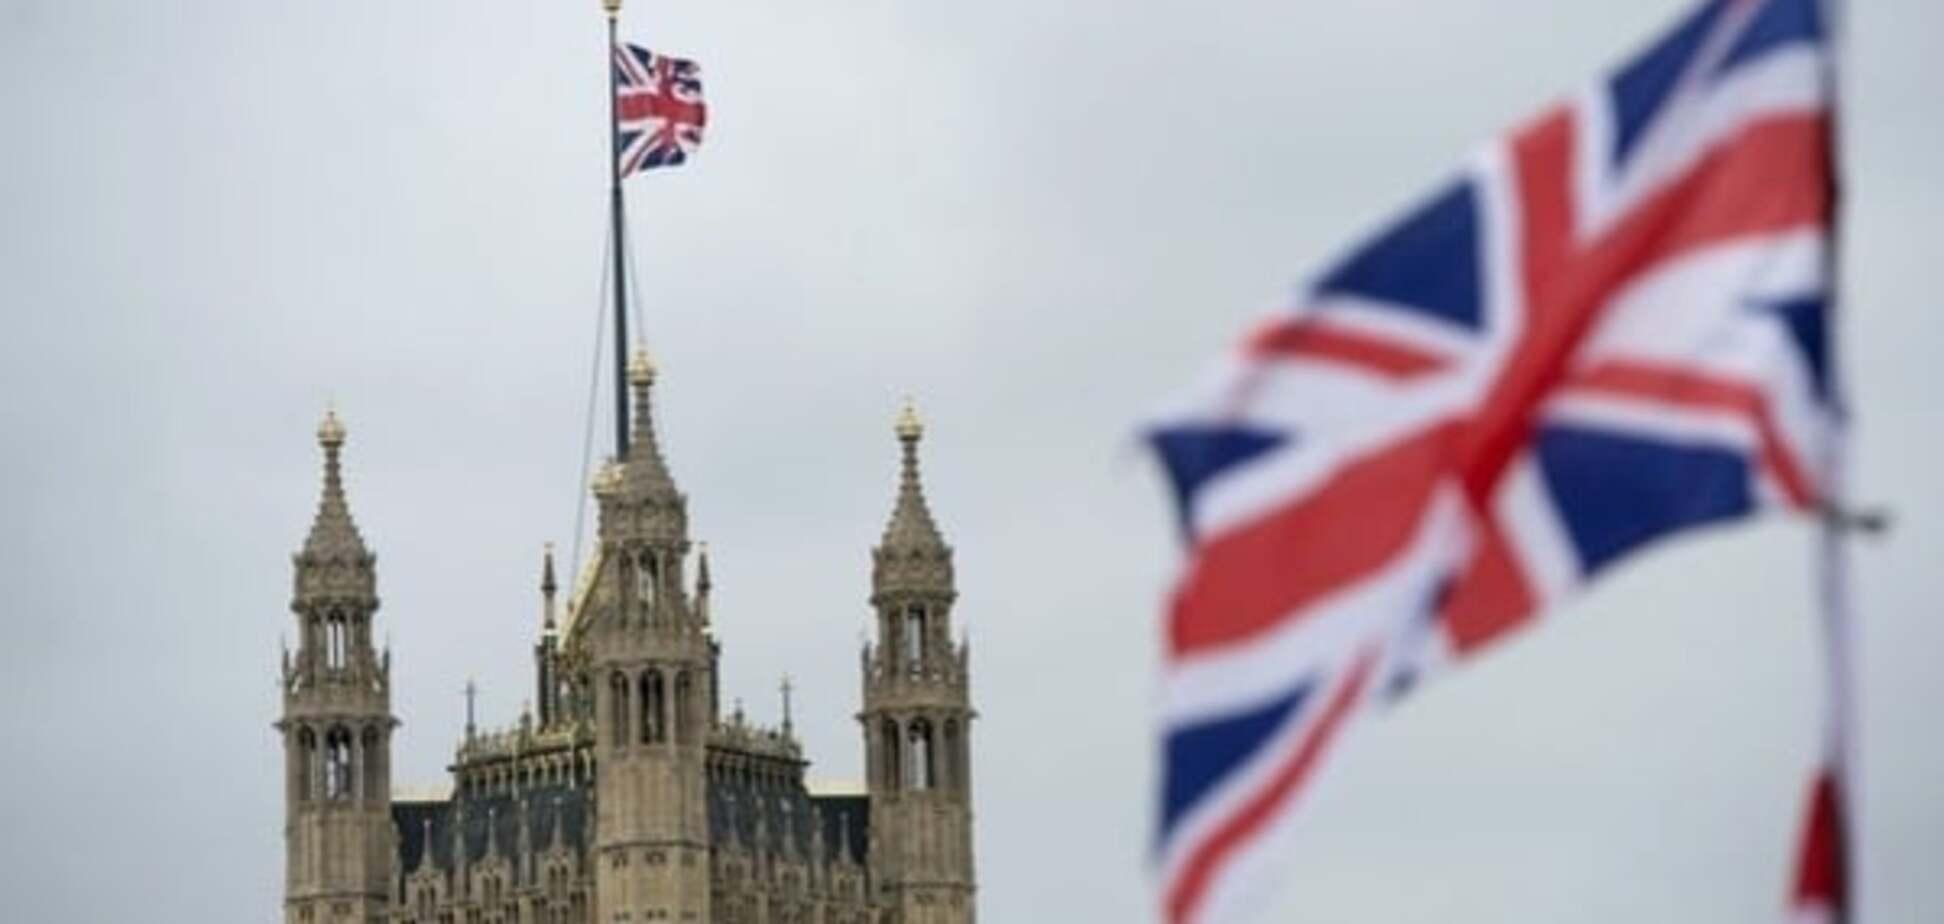 Должен ответить: посол Украины обратилась к Великобритании по поводу пропагандиста Филлипса